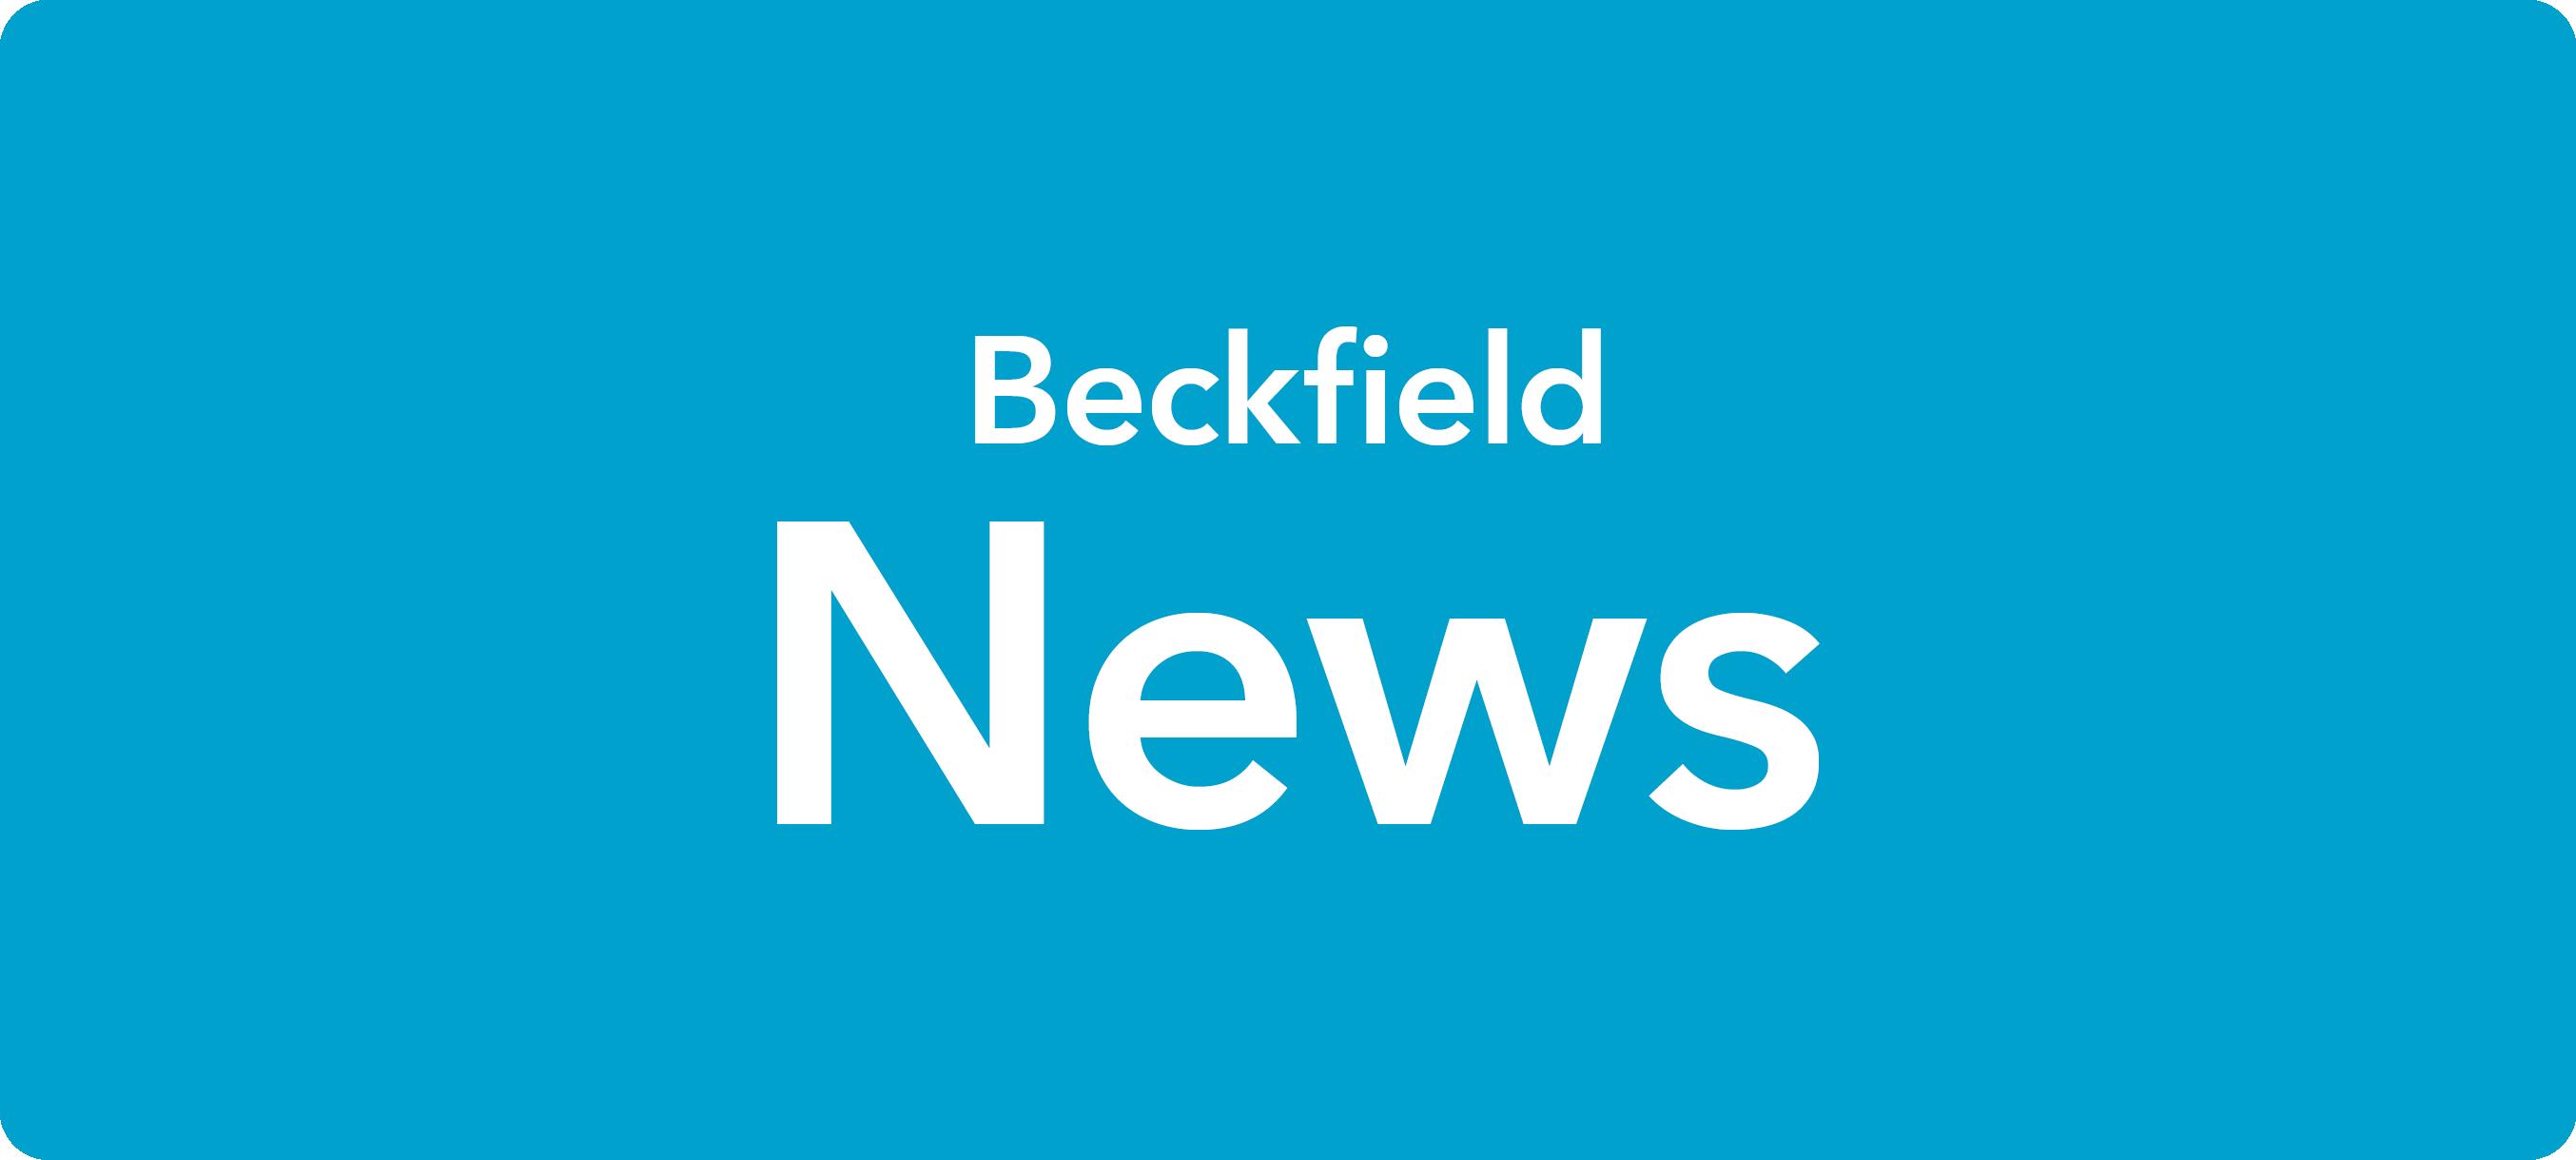 Beckfield News – 1 October